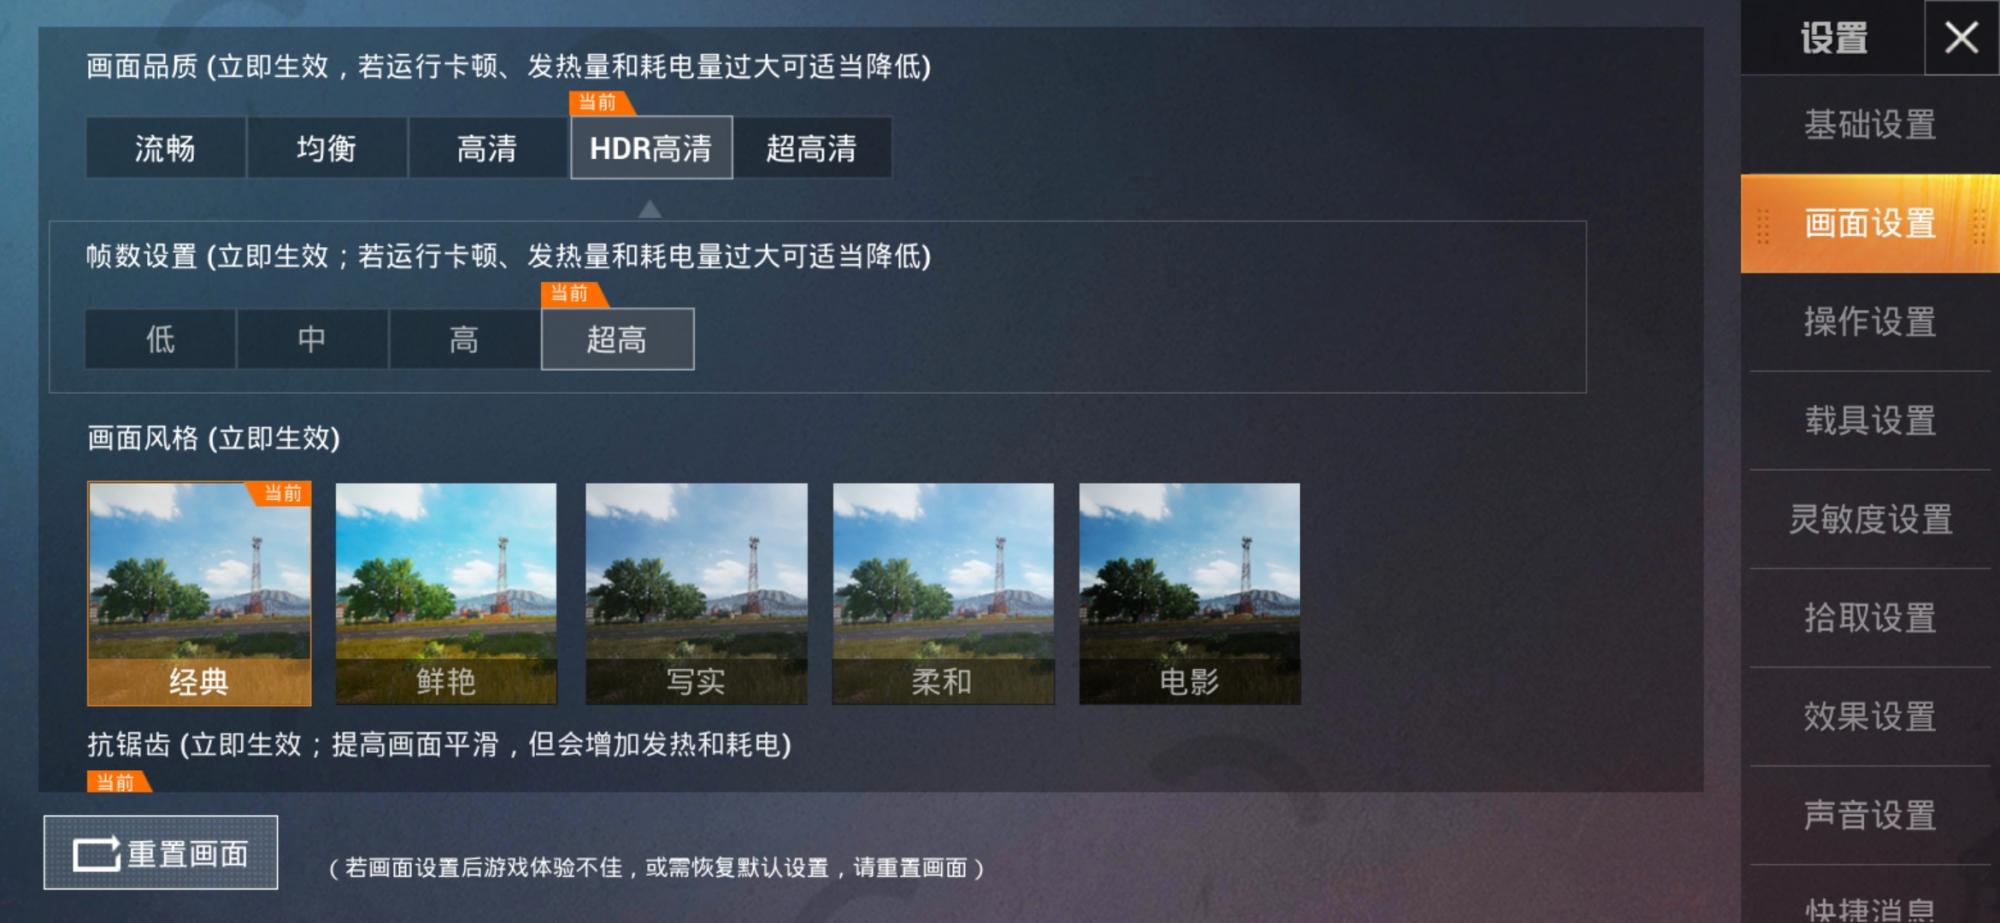 Screenshot_20190715_152815_com.tencent.tmgp.pubgm.jpg